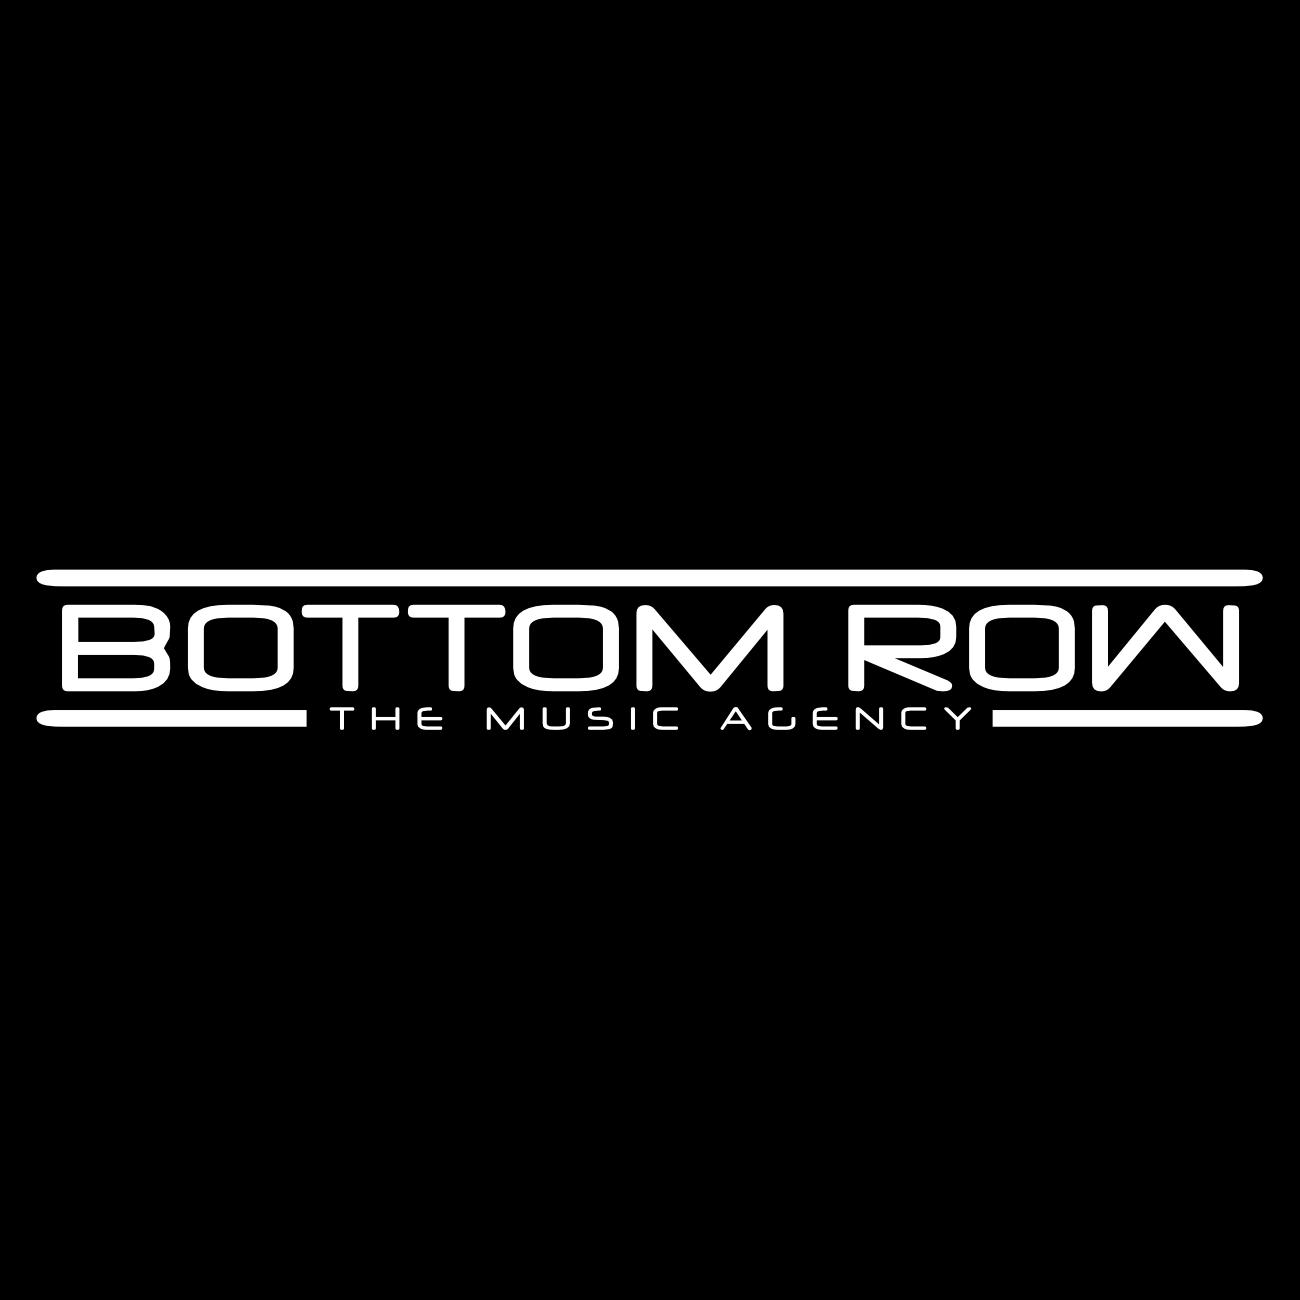 bewertungen von bottom row shop kundenbewertungen von lesen. Black Bedroom Furniture Sets. Home Design Ideas